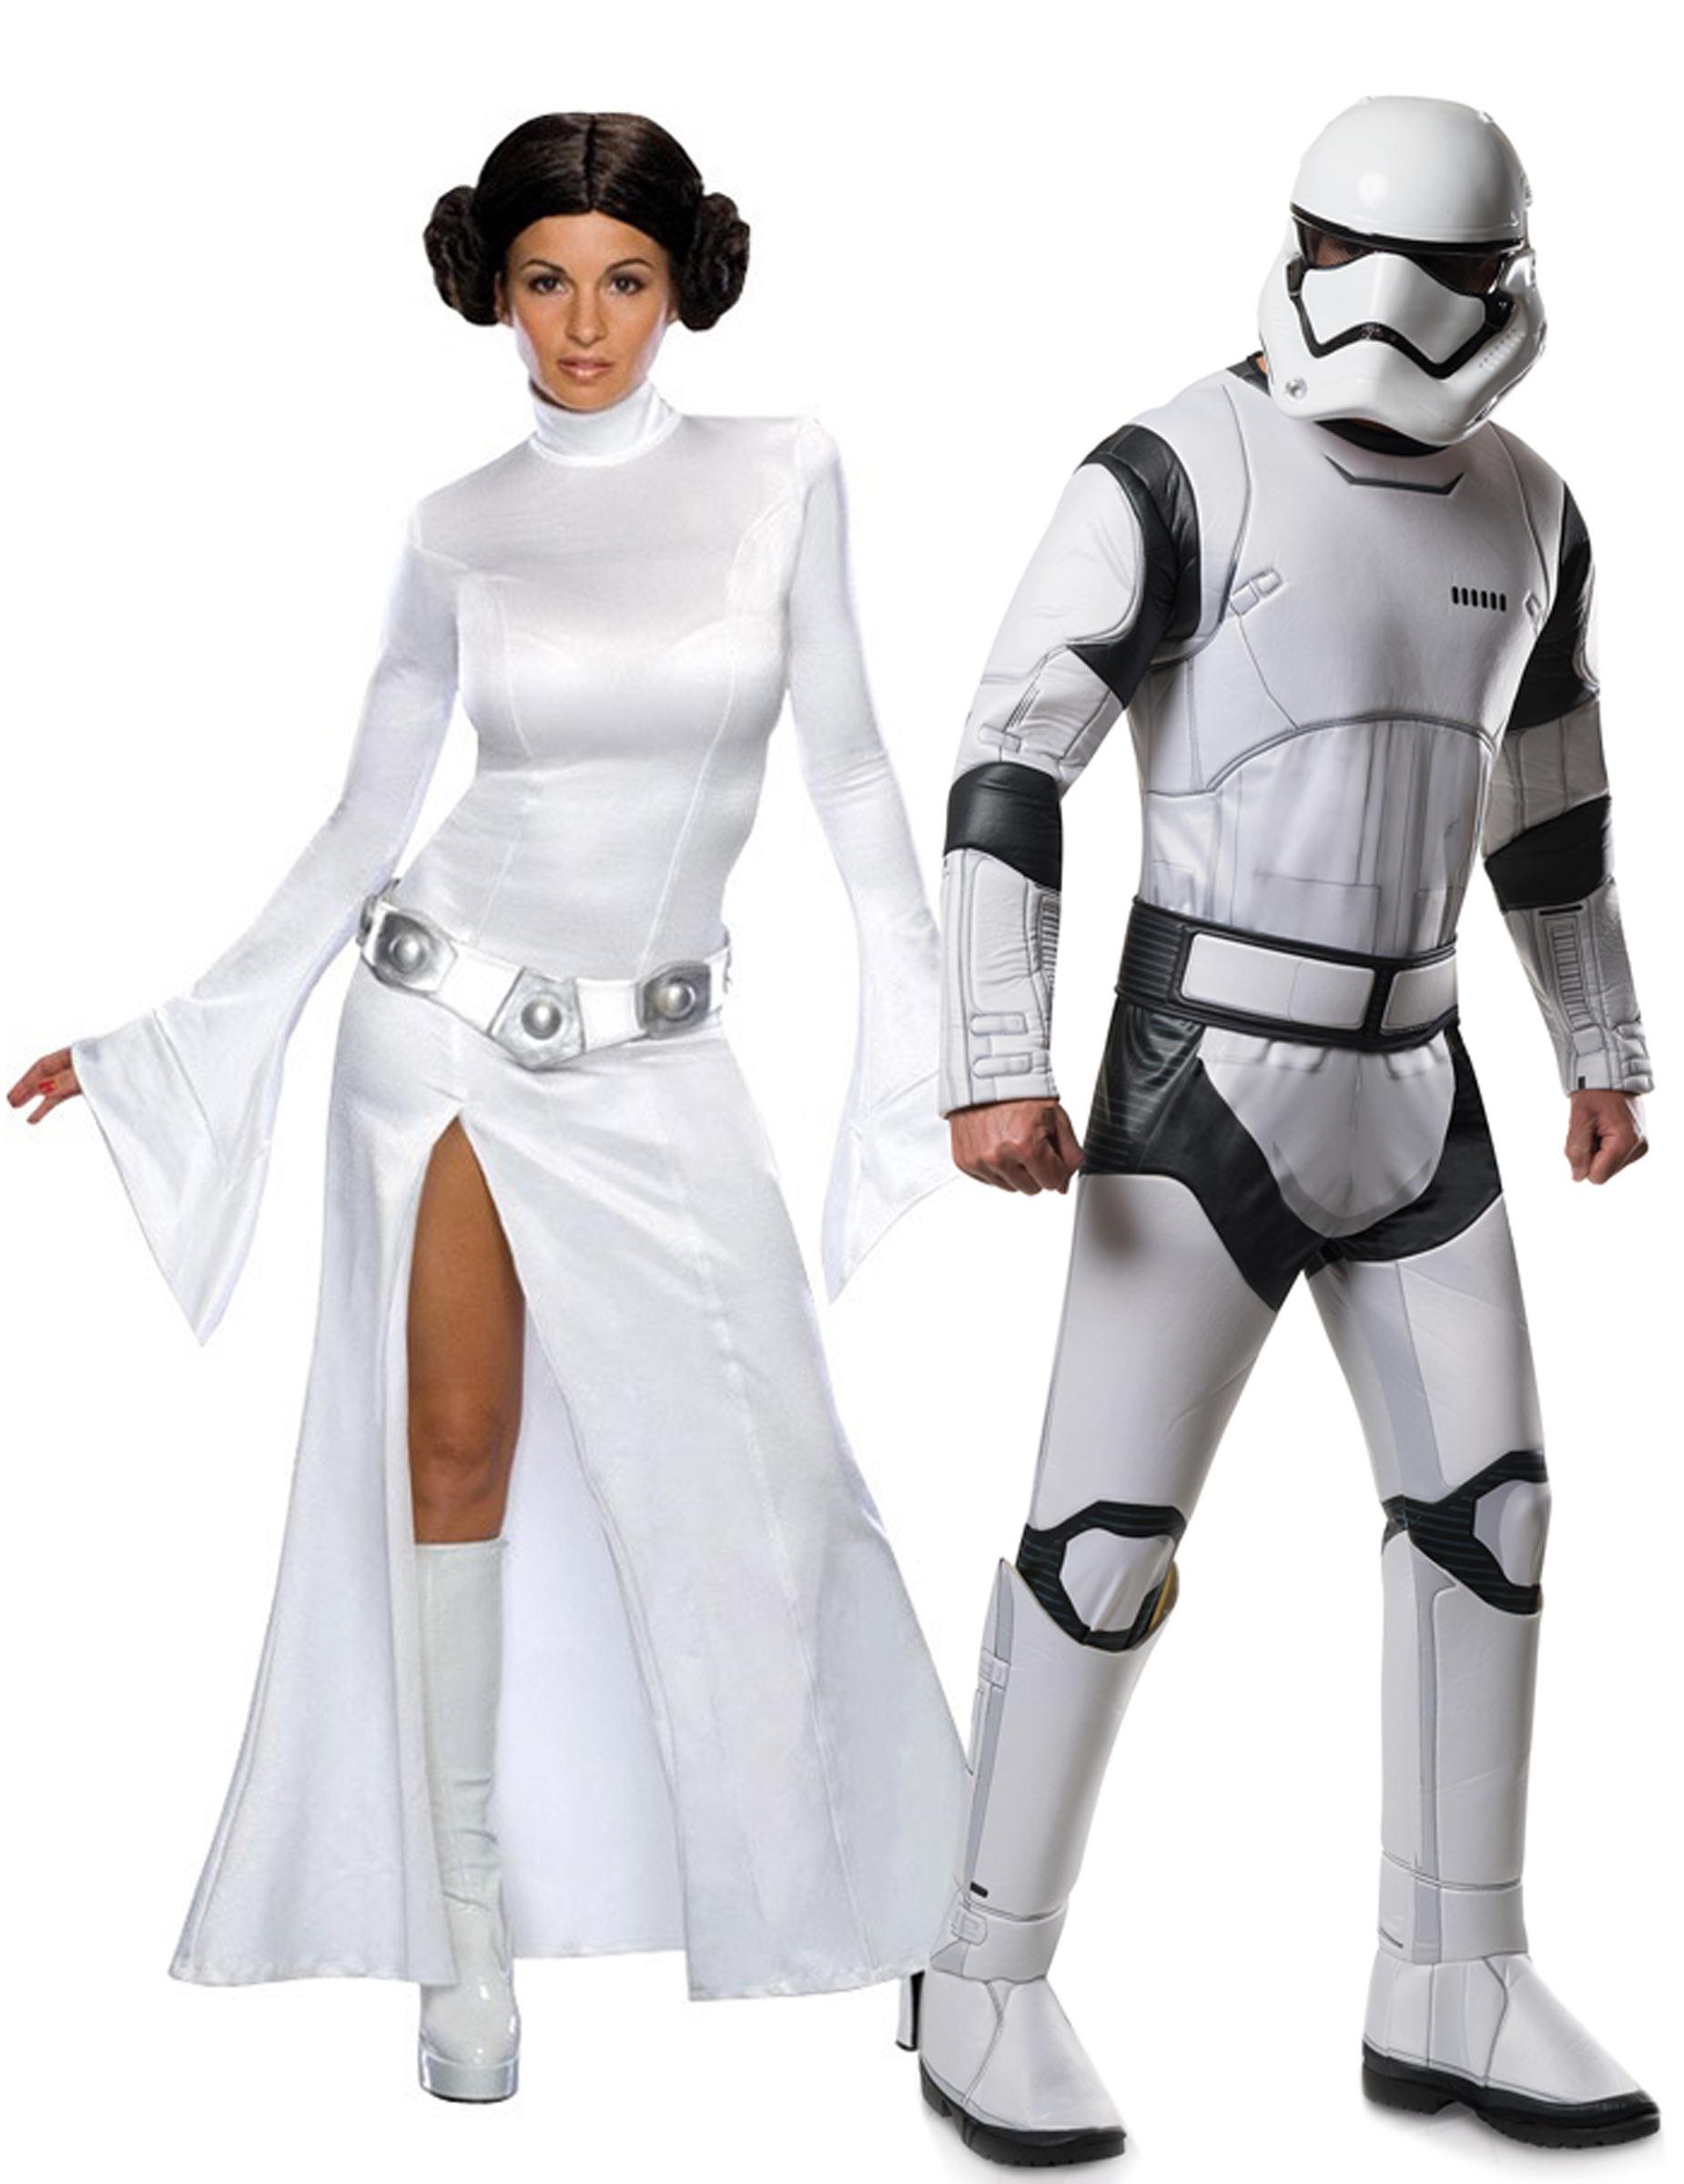 Star Wars Paarkostum Leia Und Stormtrooper Weiss Schwarz Gunstige